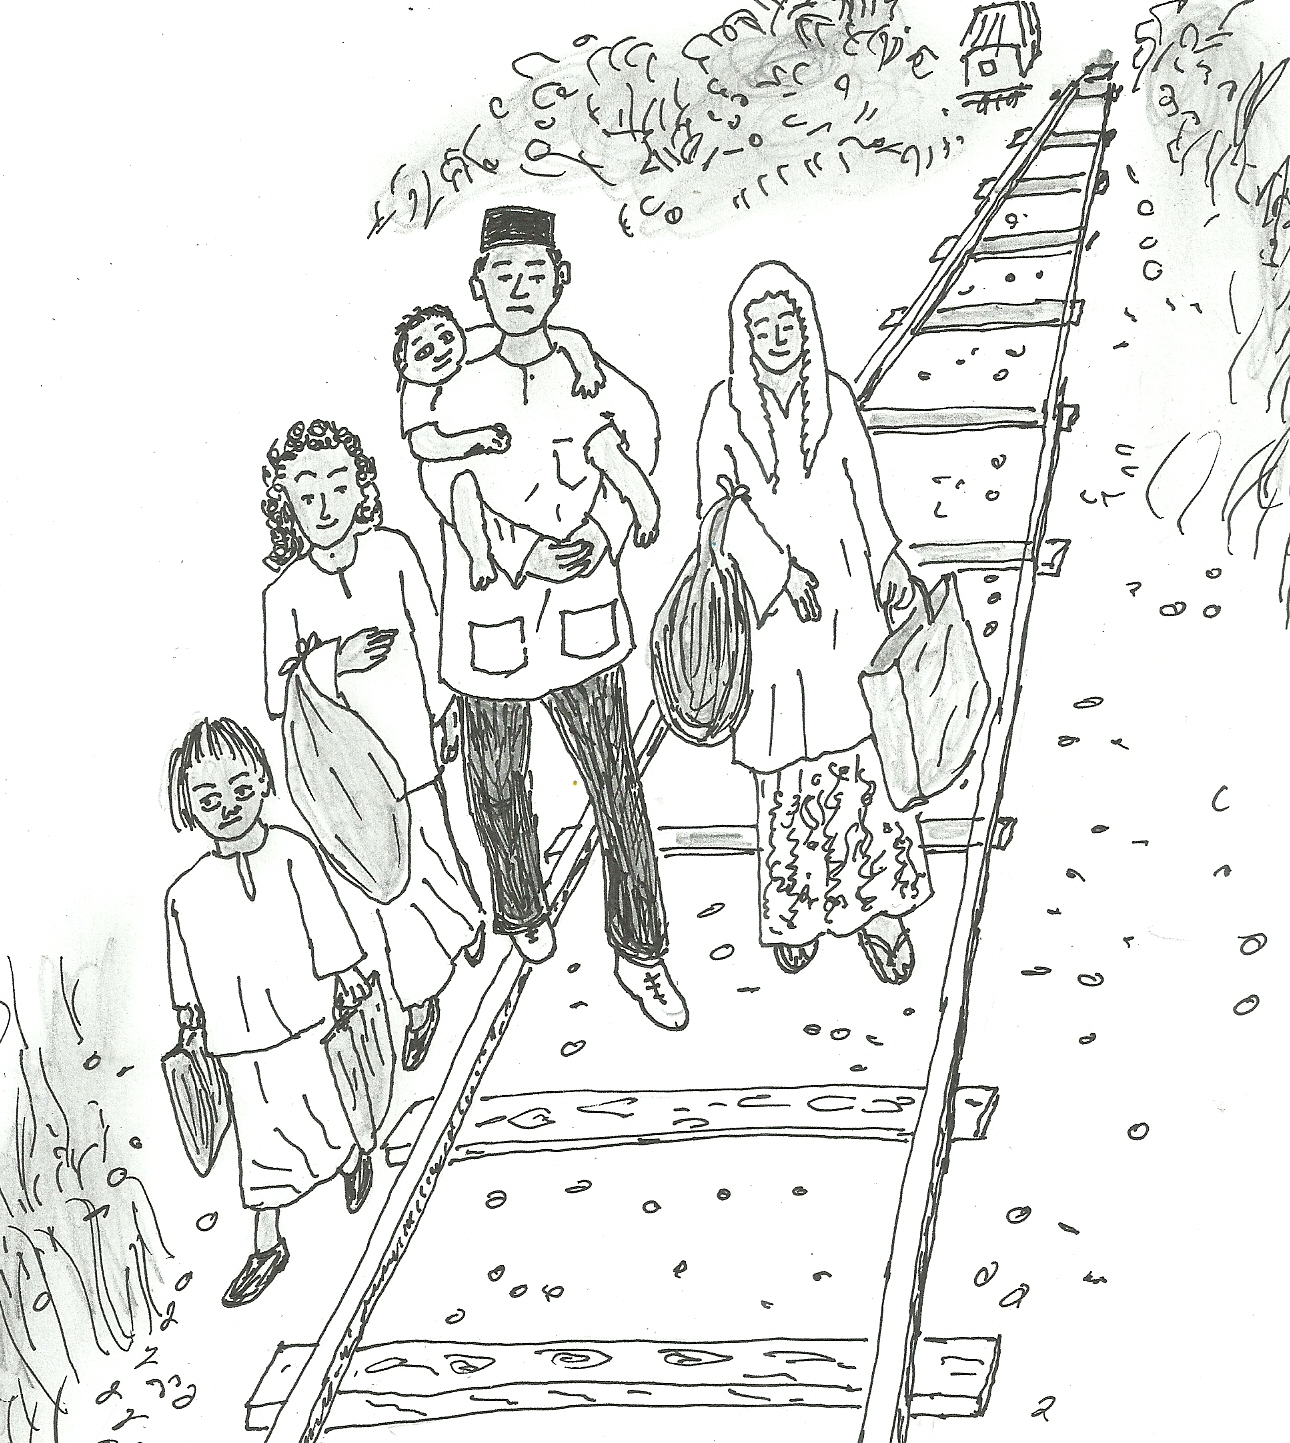 Lima beranak nekad berjalan kaki 100 kilometer melalui landasan keretapi